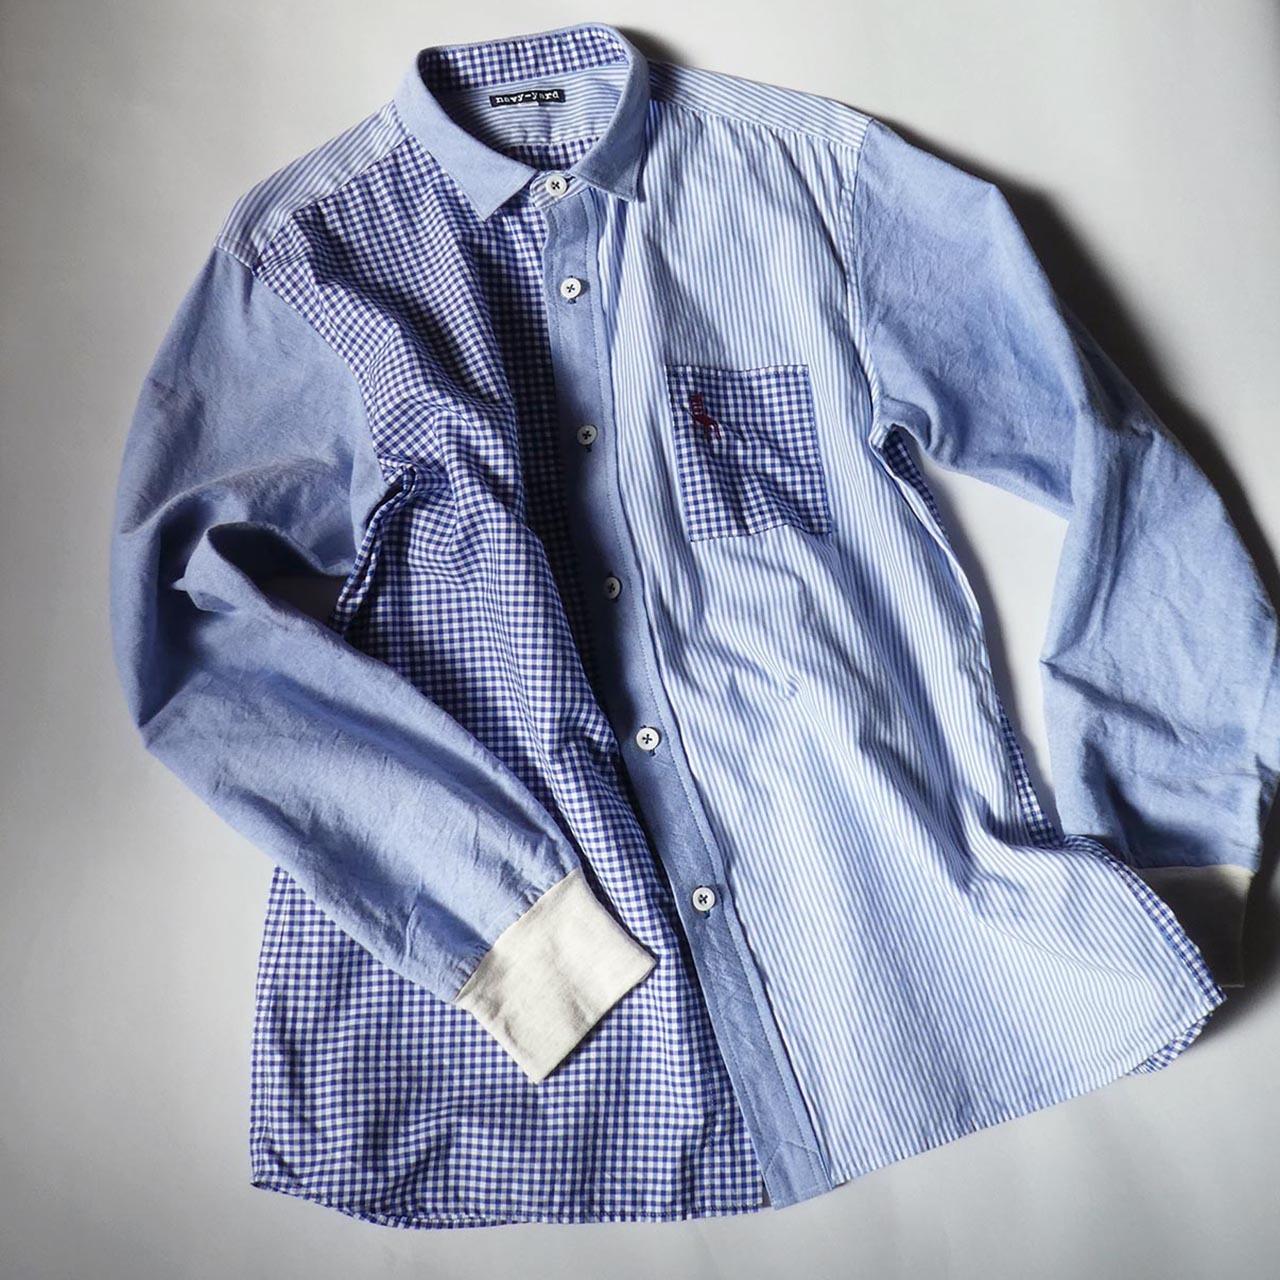 HOME ワークシャツ ・オクスフォードミックス